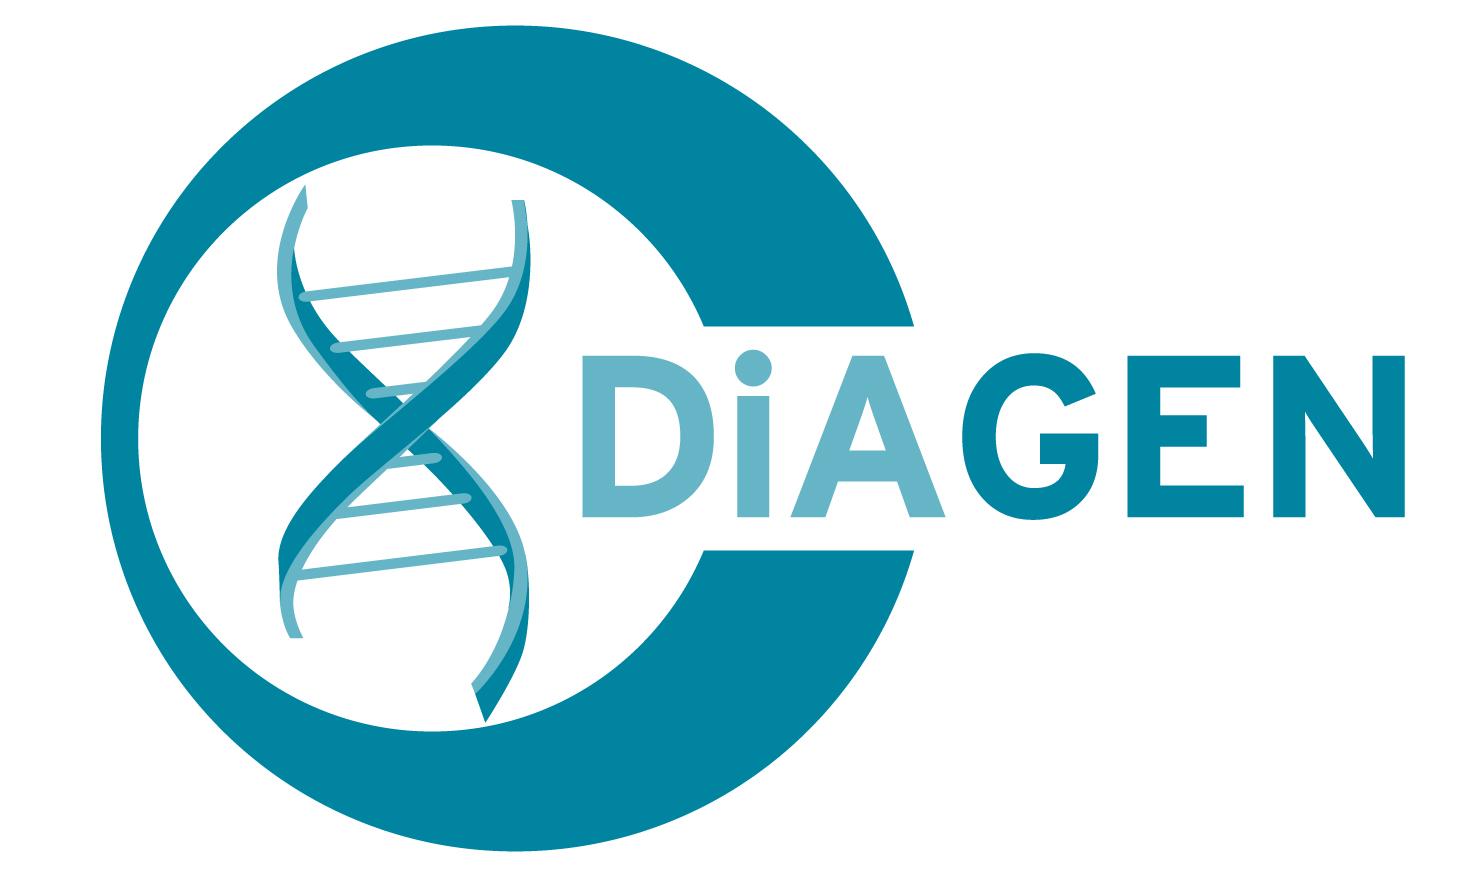 Diagen Biyoteknolojik Sistemler Sağlık Hizmetleri Otomasyonu San.Tic. A.Ş.